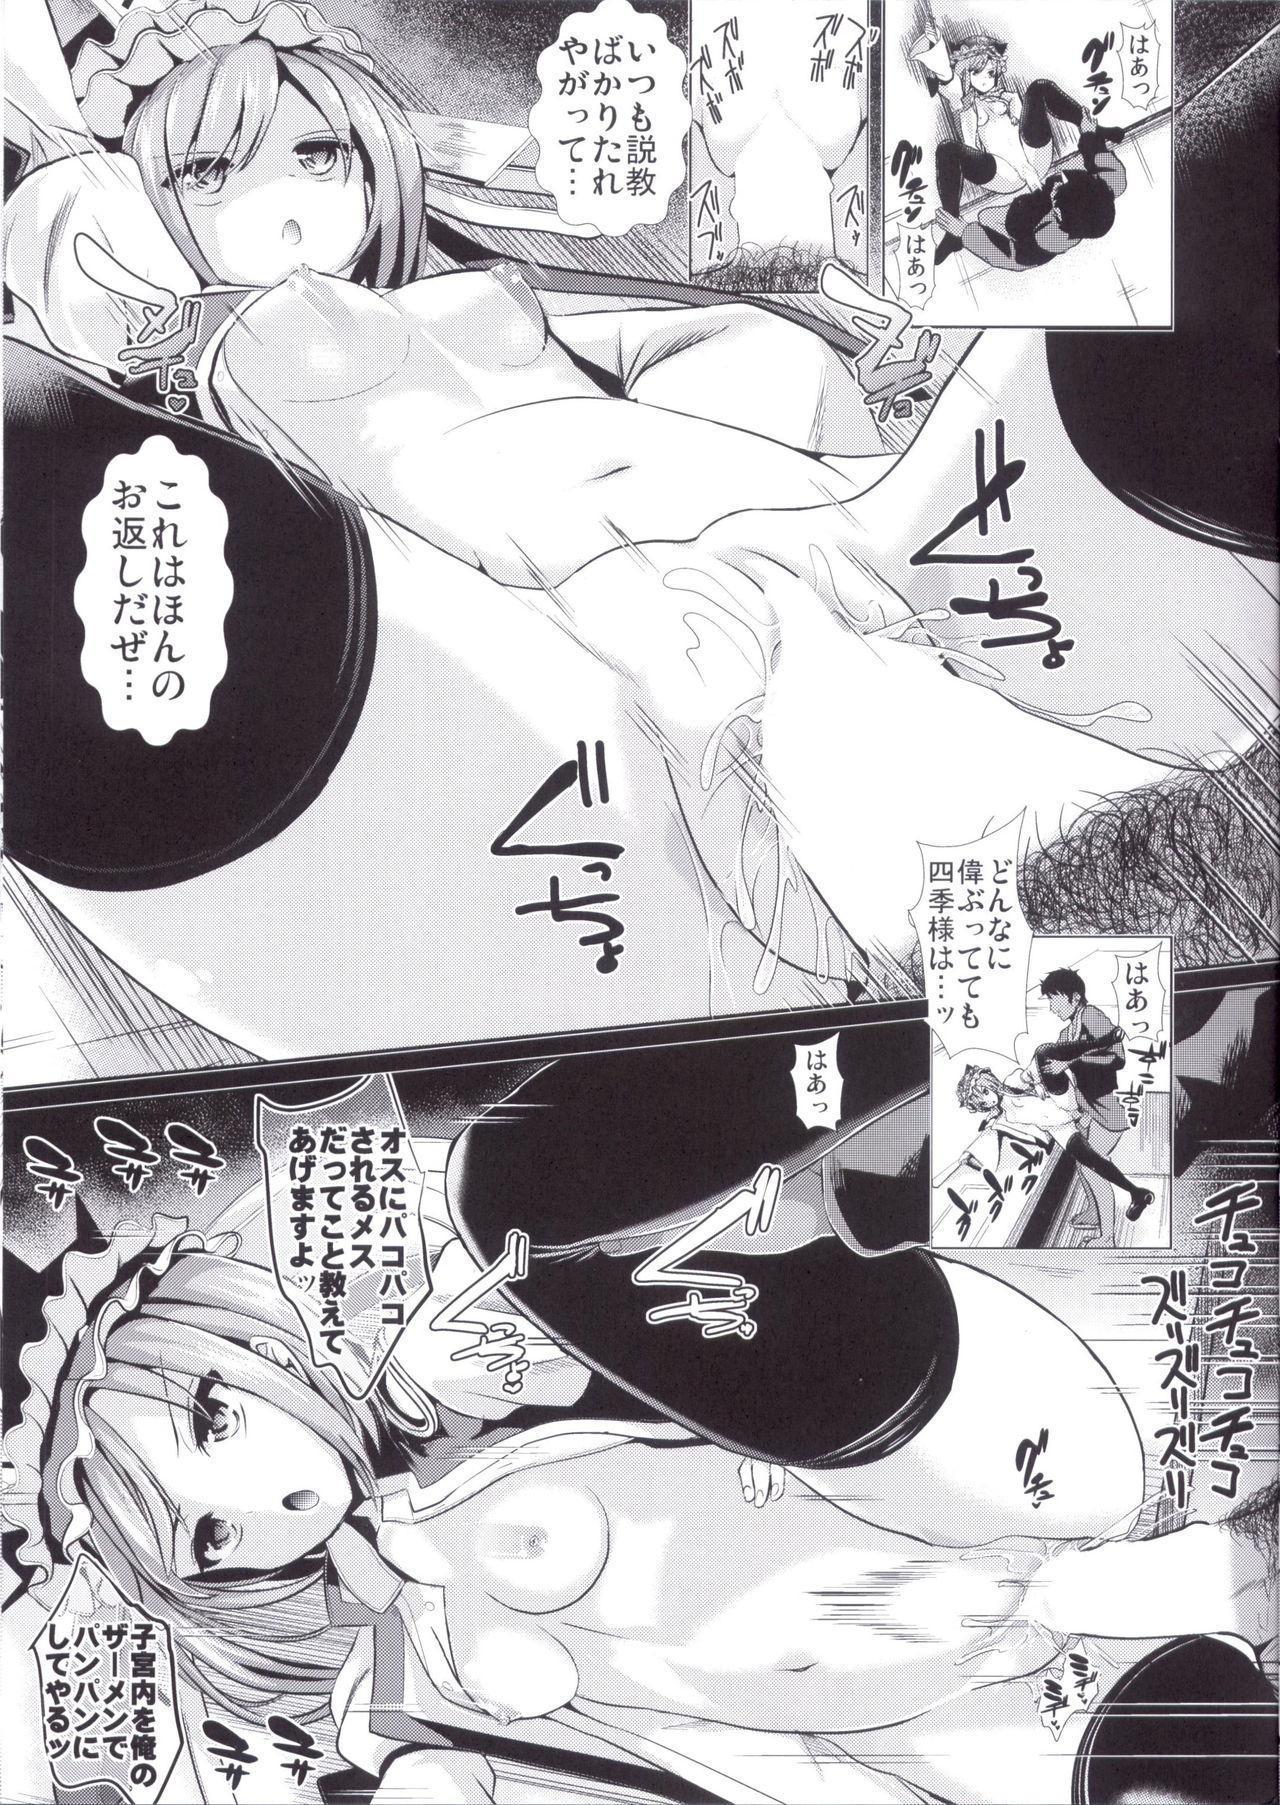 Touhou Jikan 15 Shiki Eiki Yamaxanadu 18